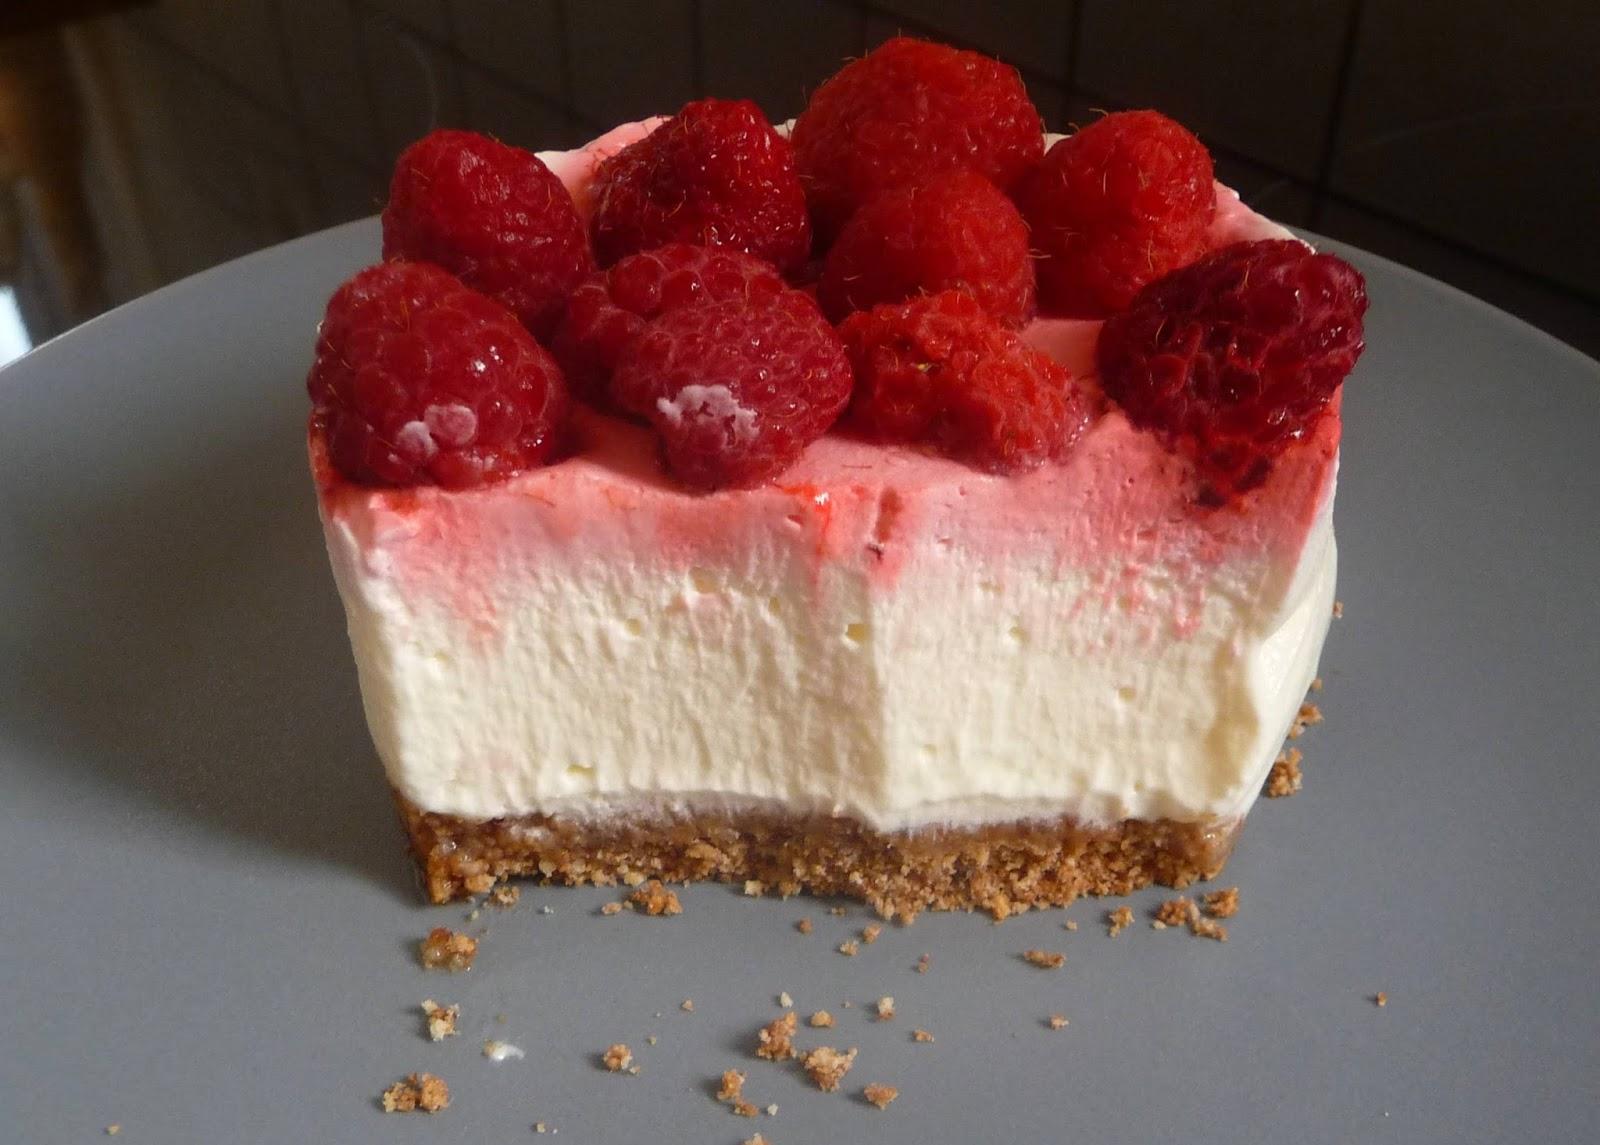 Cuill re aiguille et scie sauteuse cheesecakes sans cuisson aux framboises - Cheesecake framboise sans cuisson ...